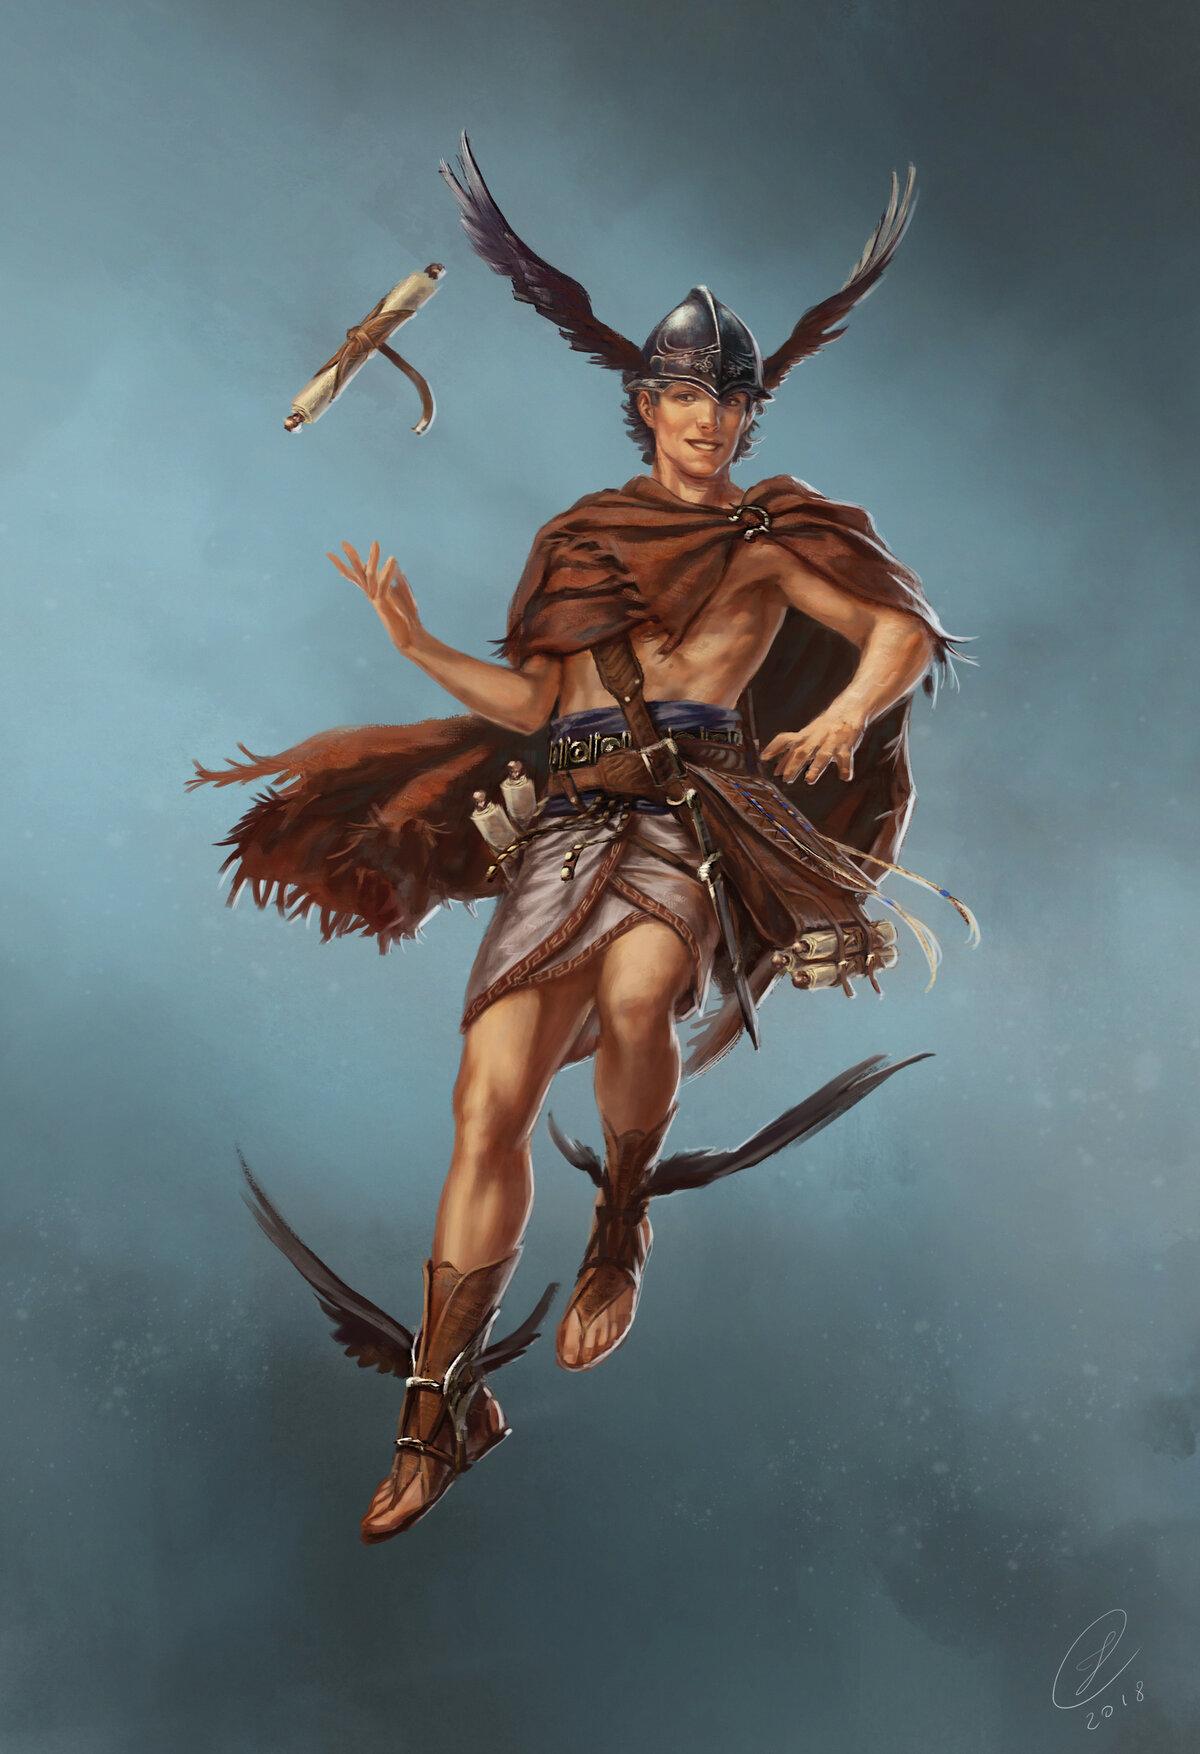 сапога картинка древнегреческого бога гермеса историки археологи сих